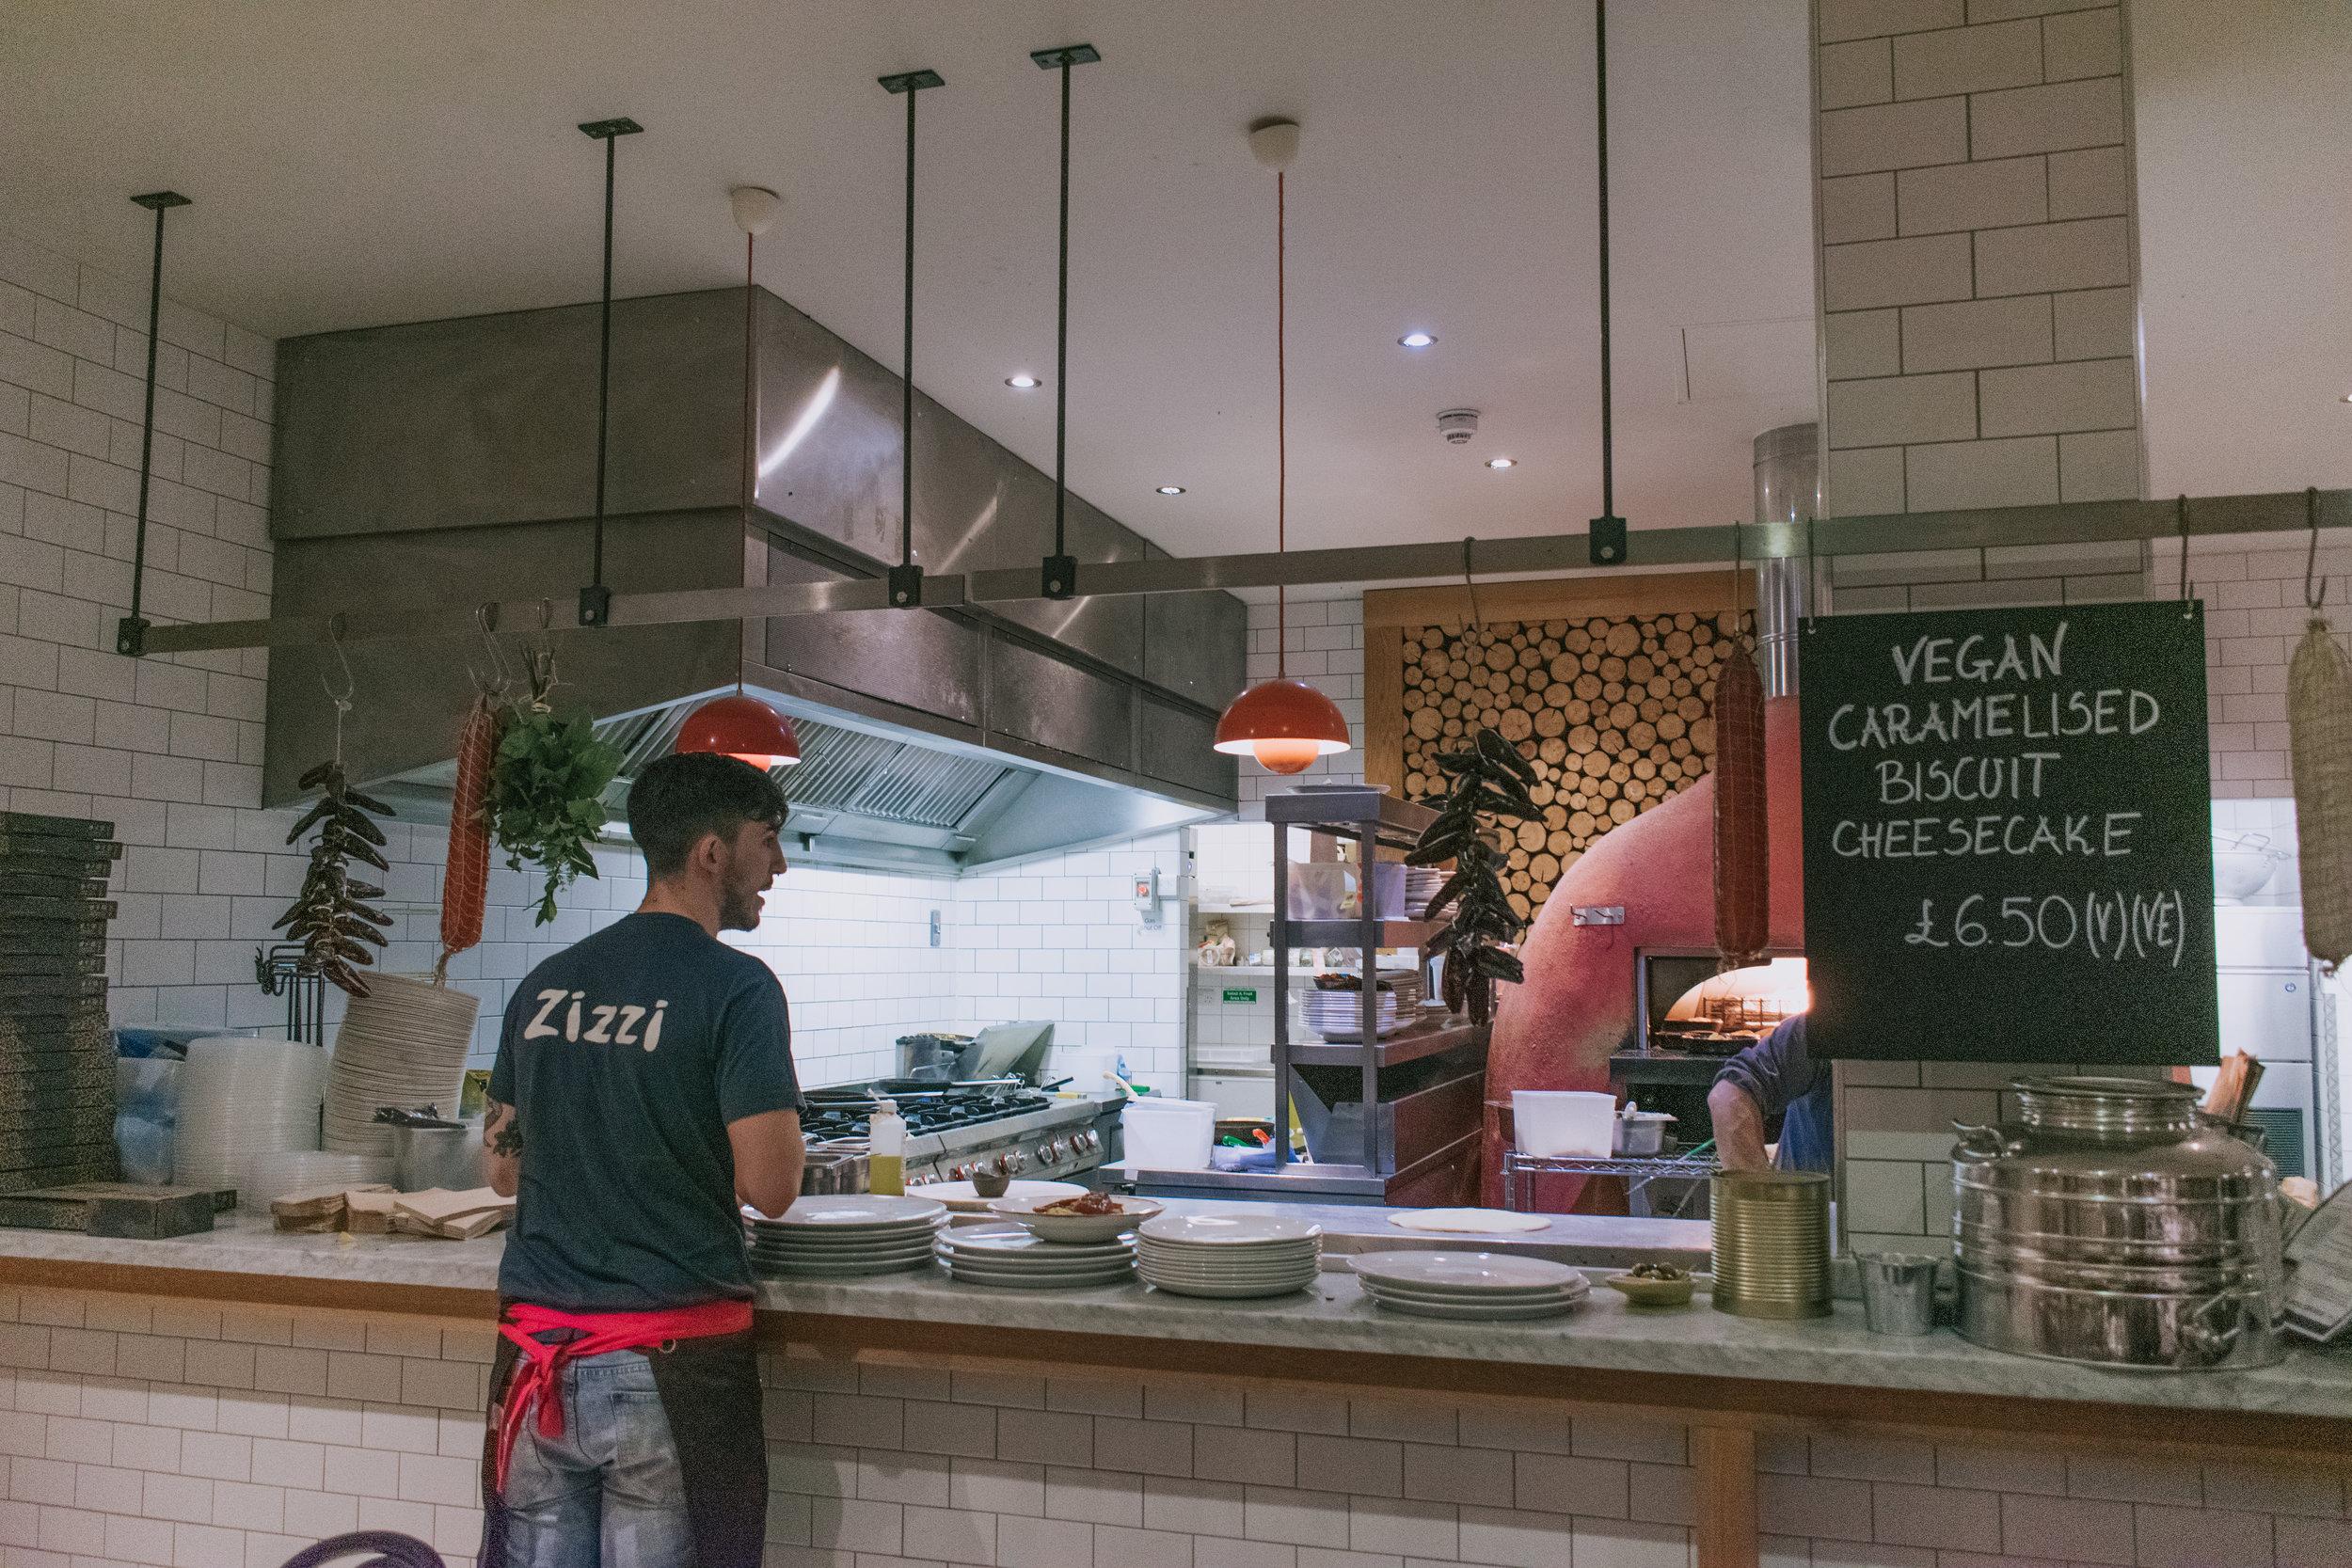 Zizzi open kitchen